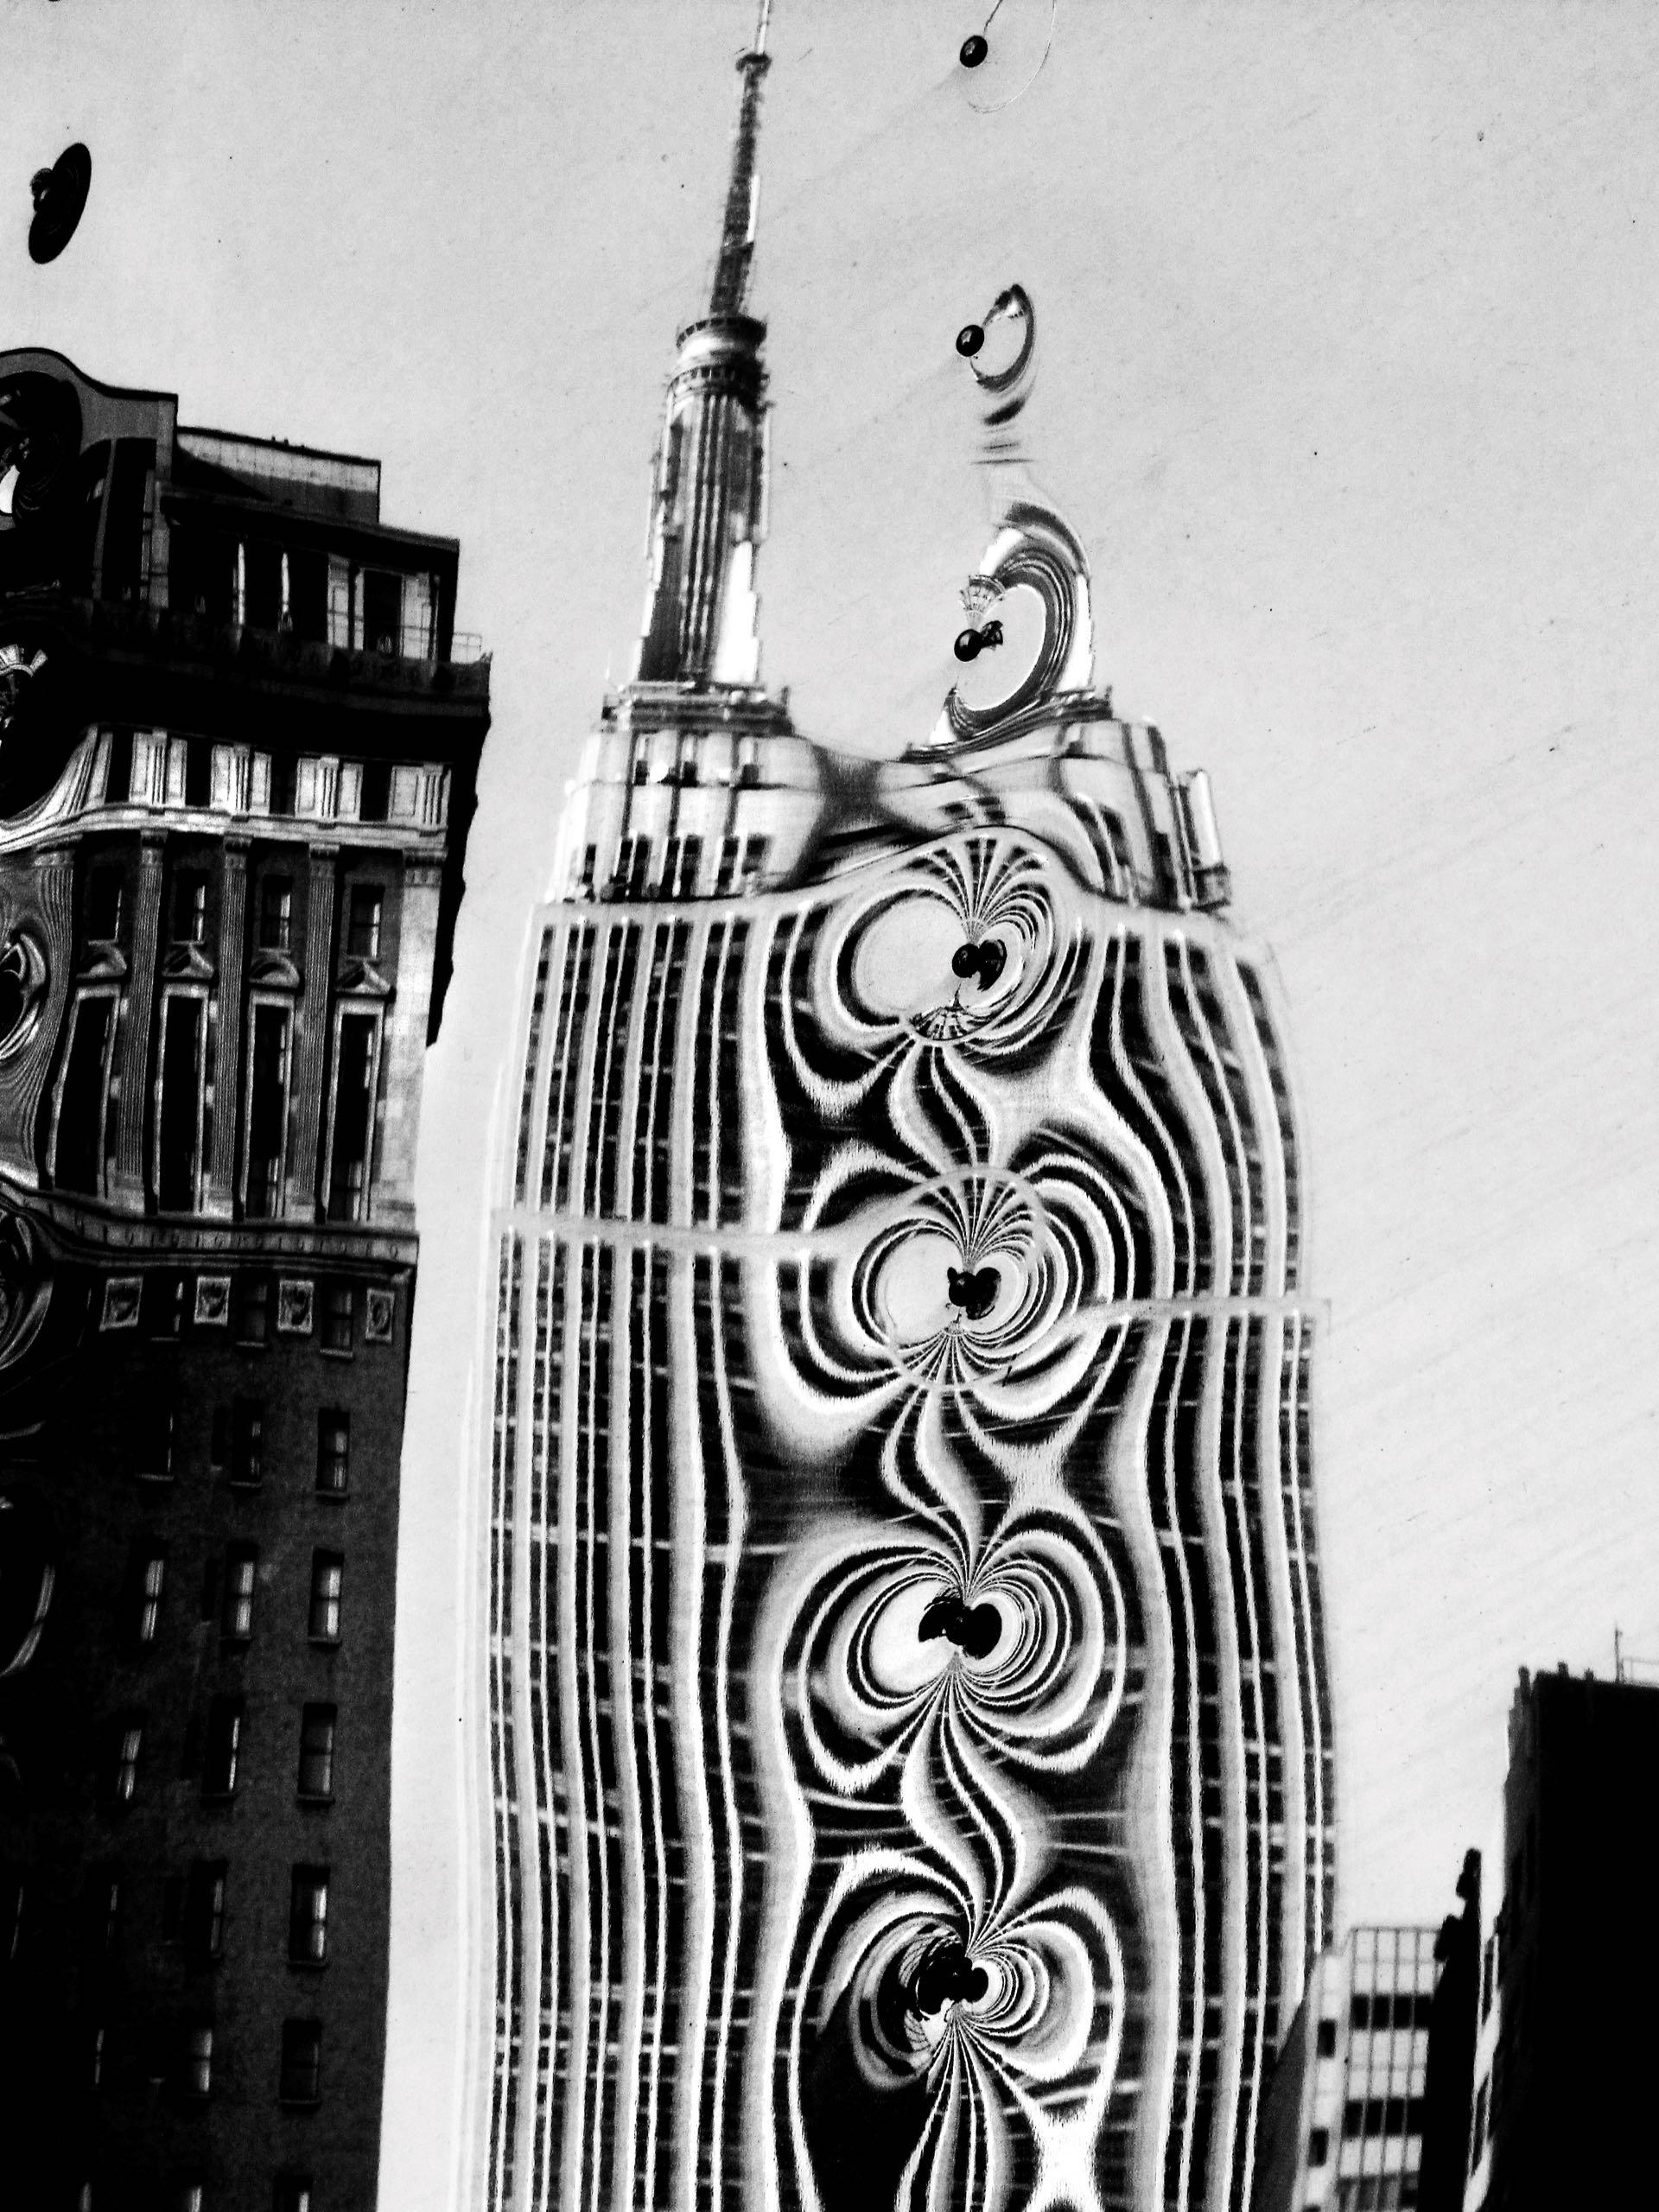 Edificio Empire State, Nueva York, Estados Unidos, 2015. Toma digital.